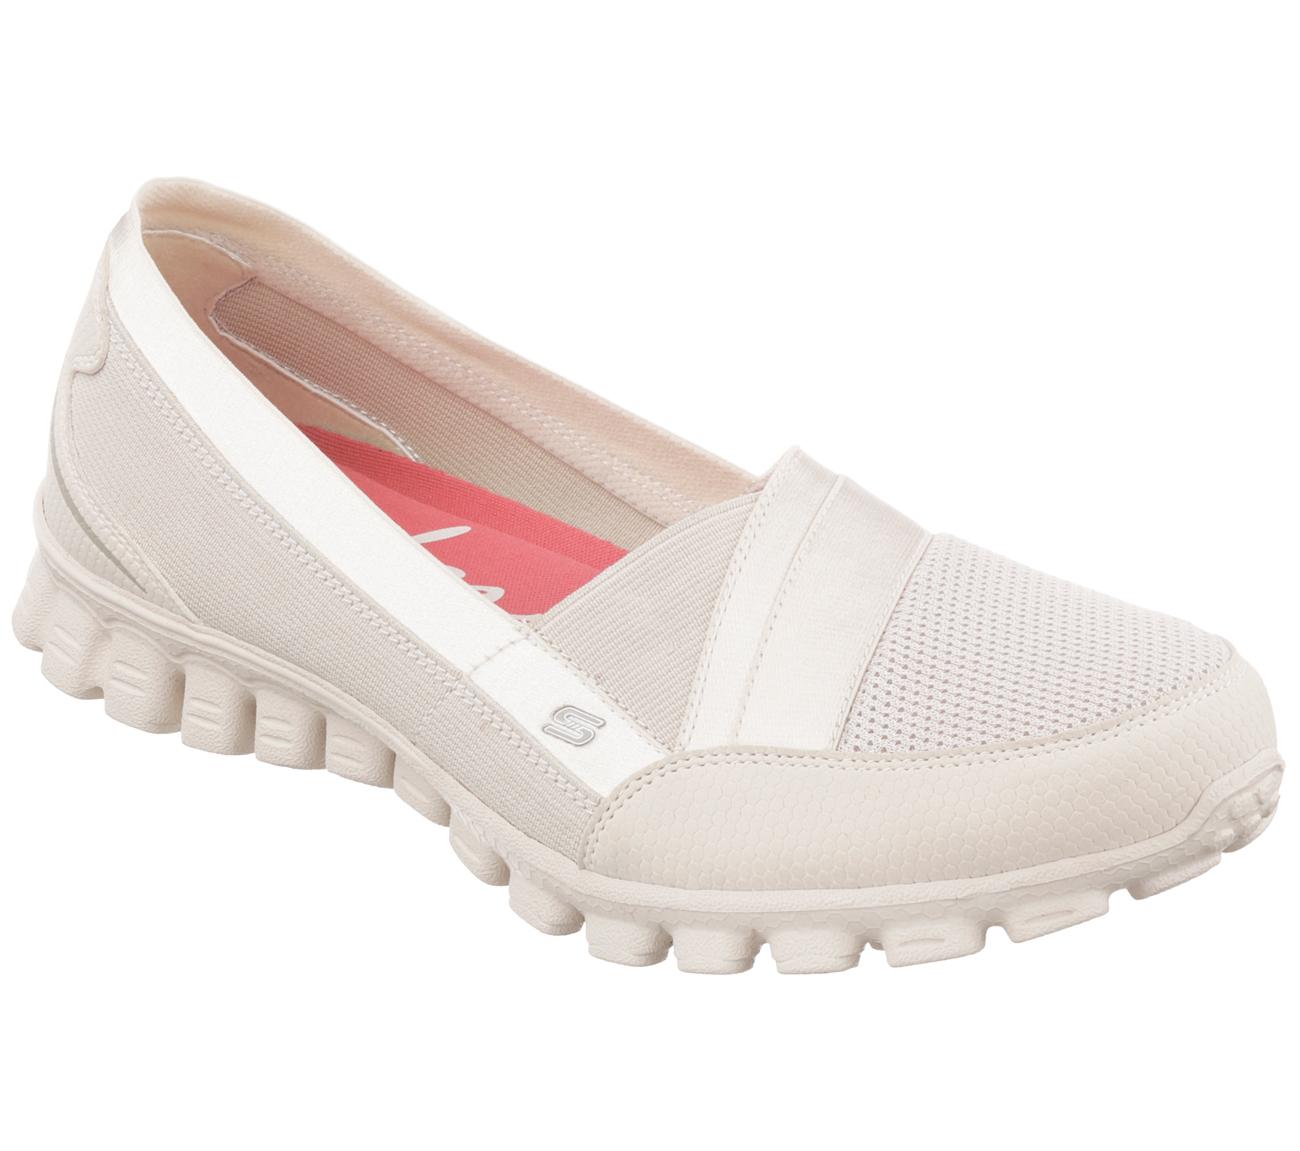 Skechers Beige Net Slip On Shoes